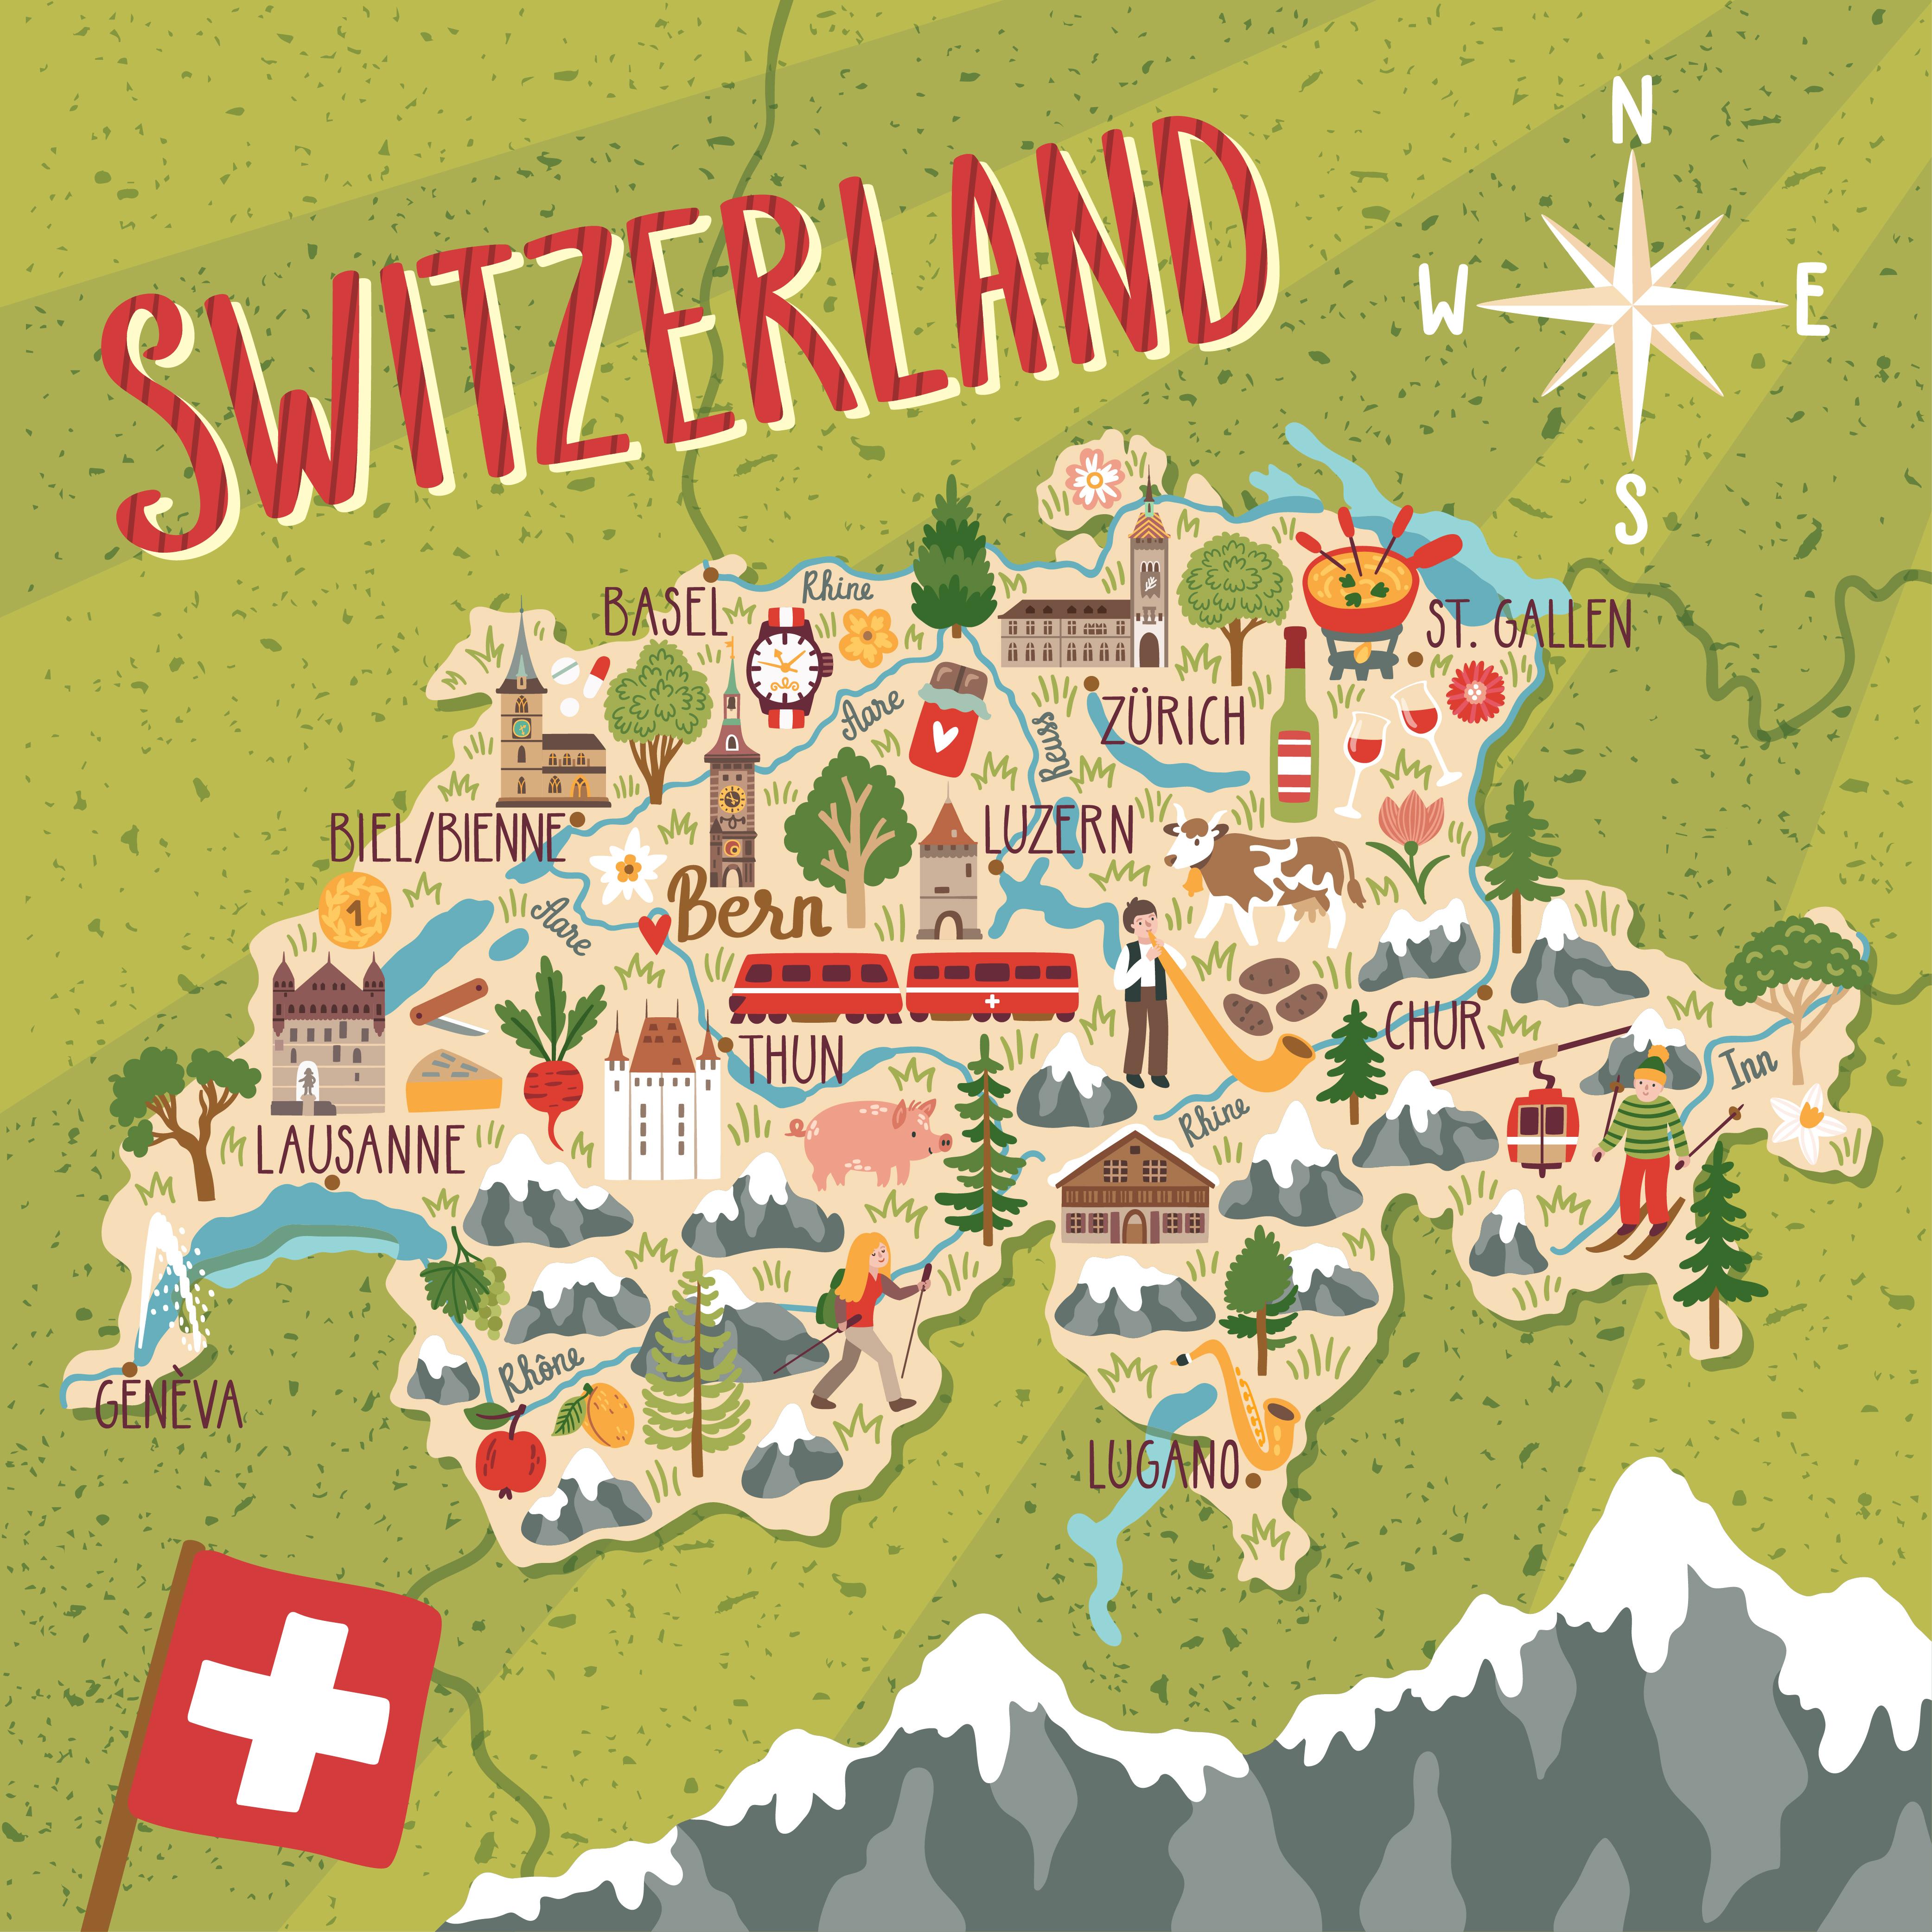 Offerte Lavoro Architetto Germania ▻ trovare lavoro in svizzera: la guida completa 2020 ◁